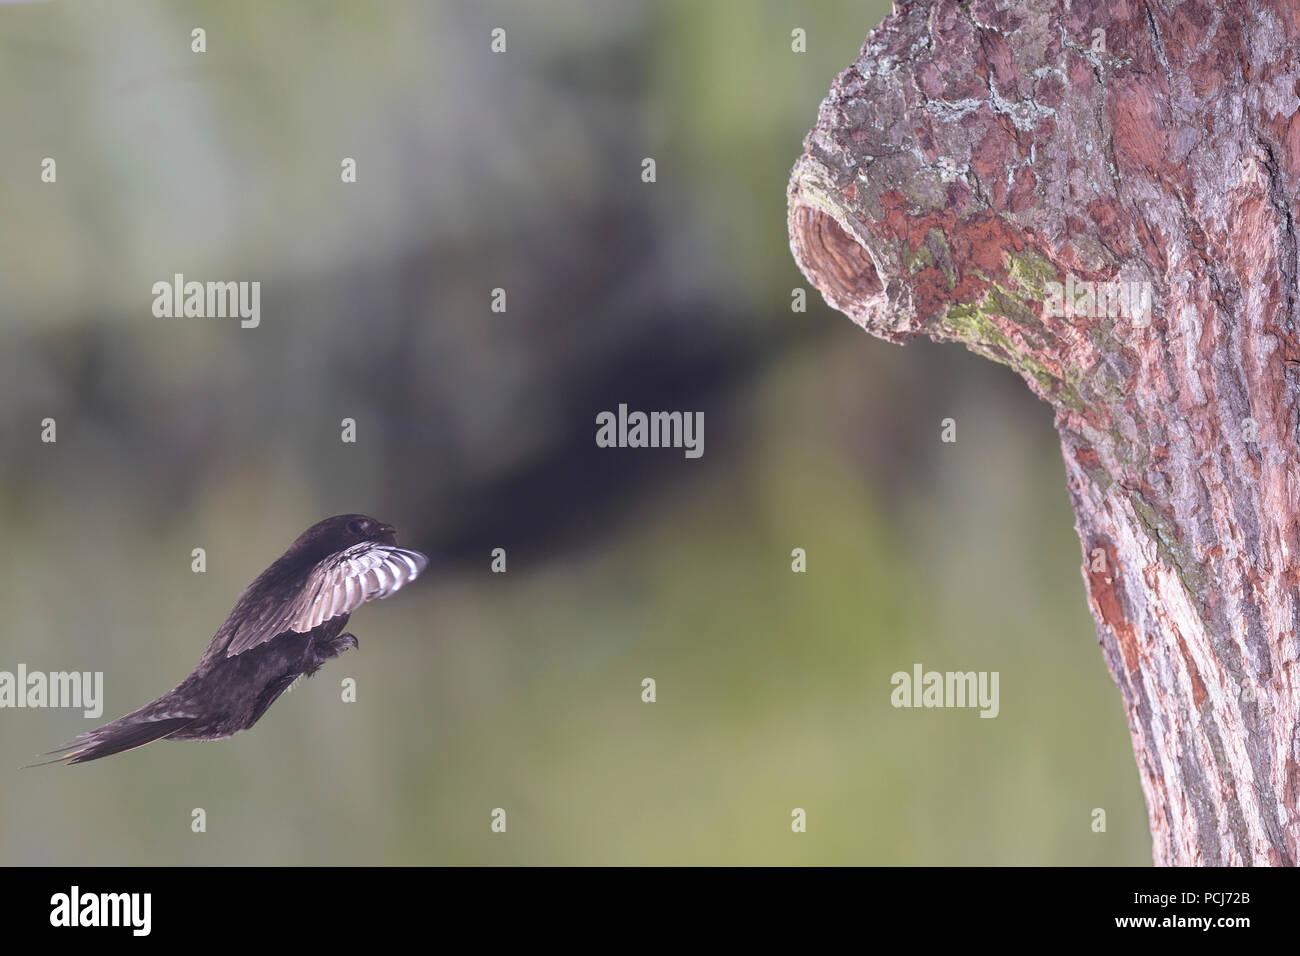 Mauersegler, im Anflug an Spechthoehle, Selketal bei Harzgerode, Harz, Deutschland, (Apus apus) - Stock Image